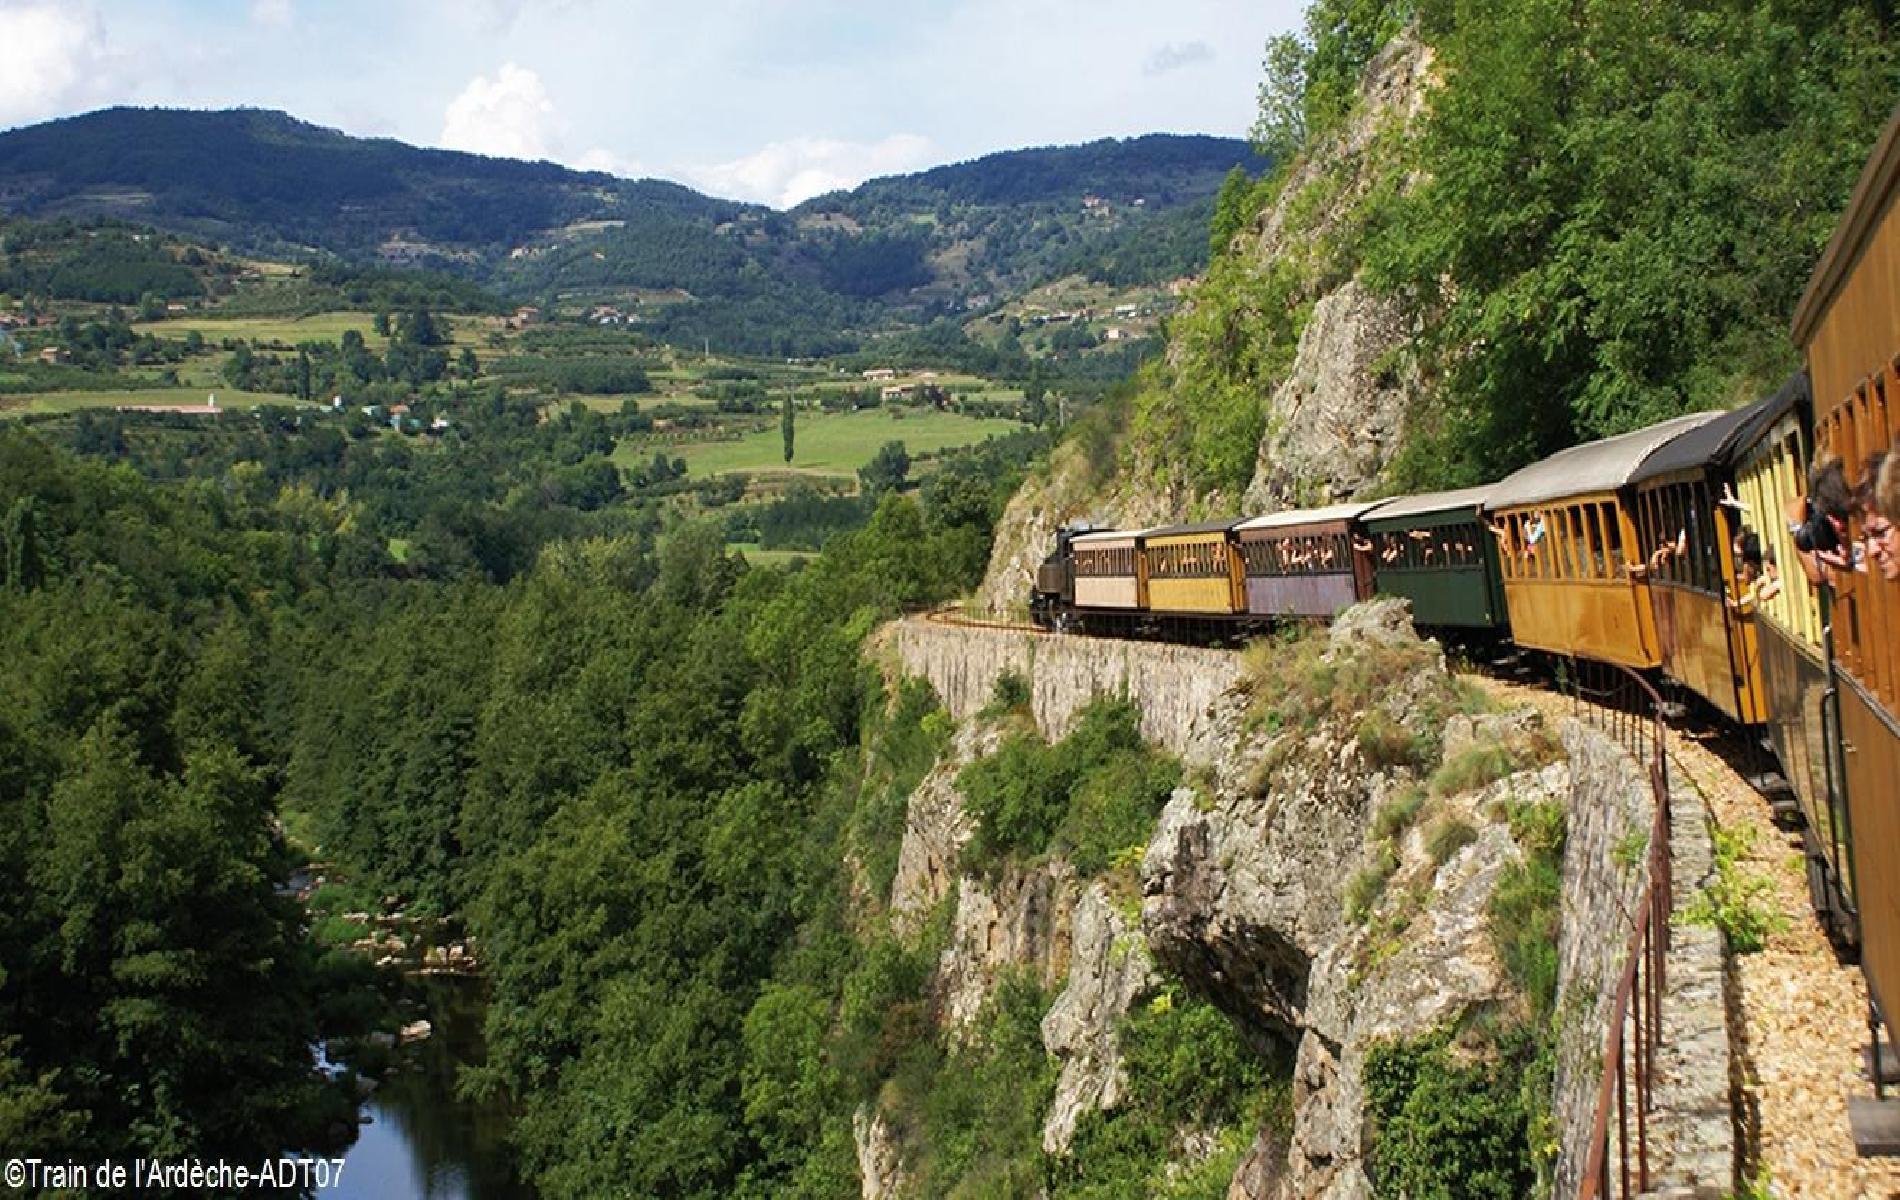 Vieilles Granges Train de l'Ardèche